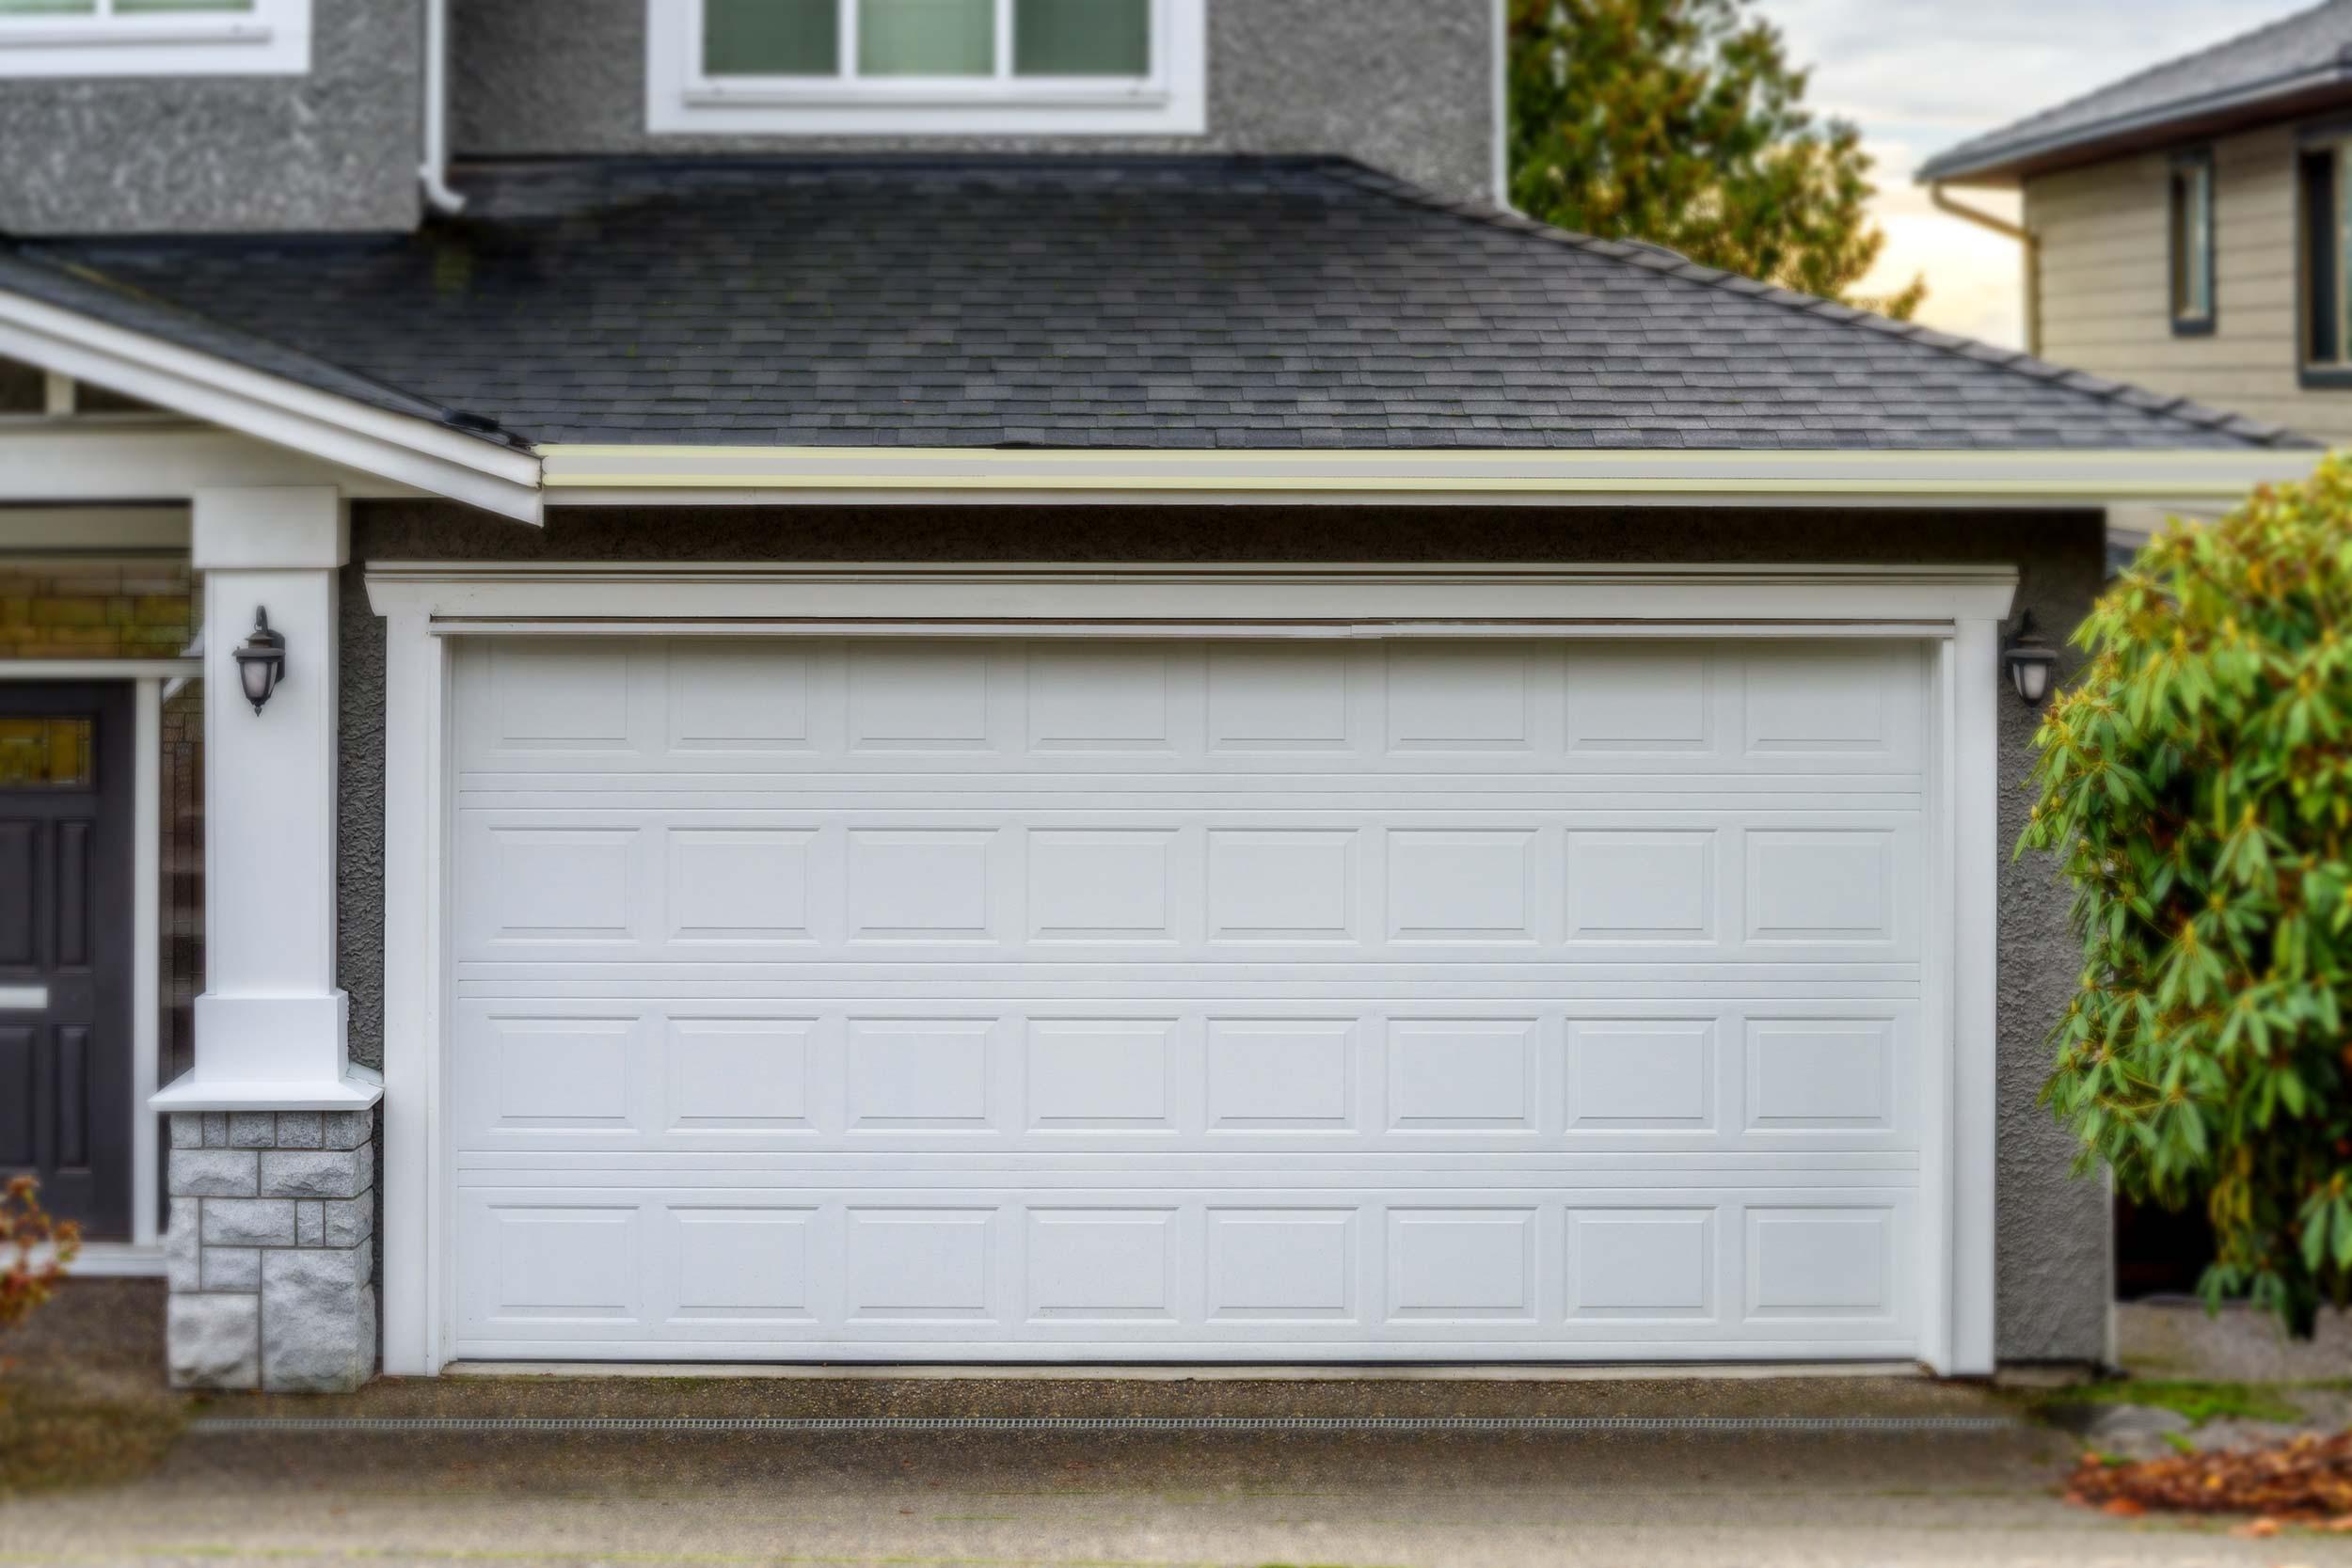 Garage Door Quote Template | Quote Examples | Quotient